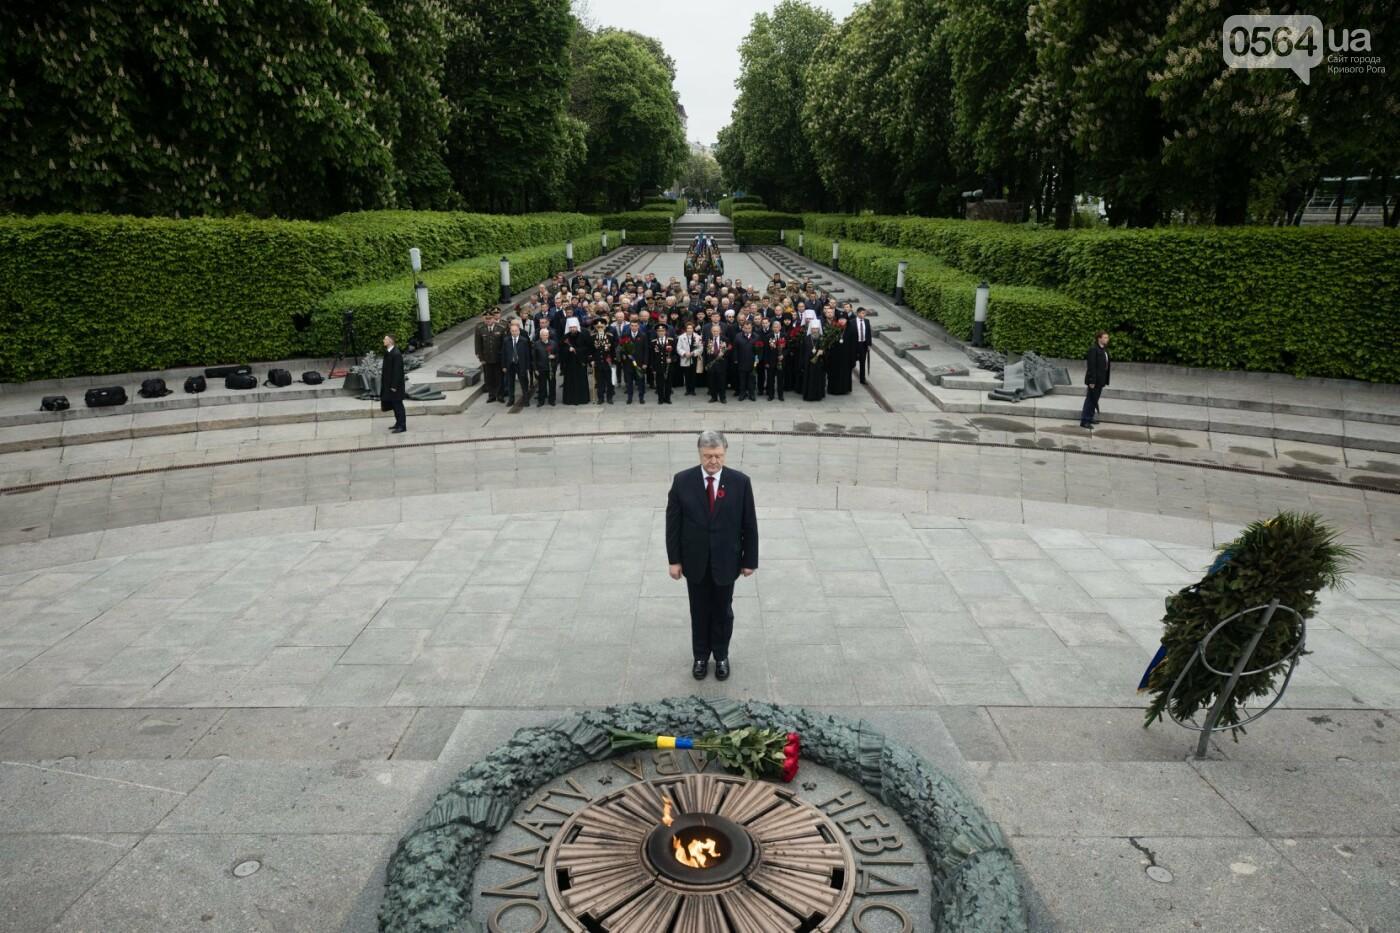 Порошенко: 5 лет потомки победителей нацизма защищают свободу и выбор украинского народа от российской агрессии, фото-8